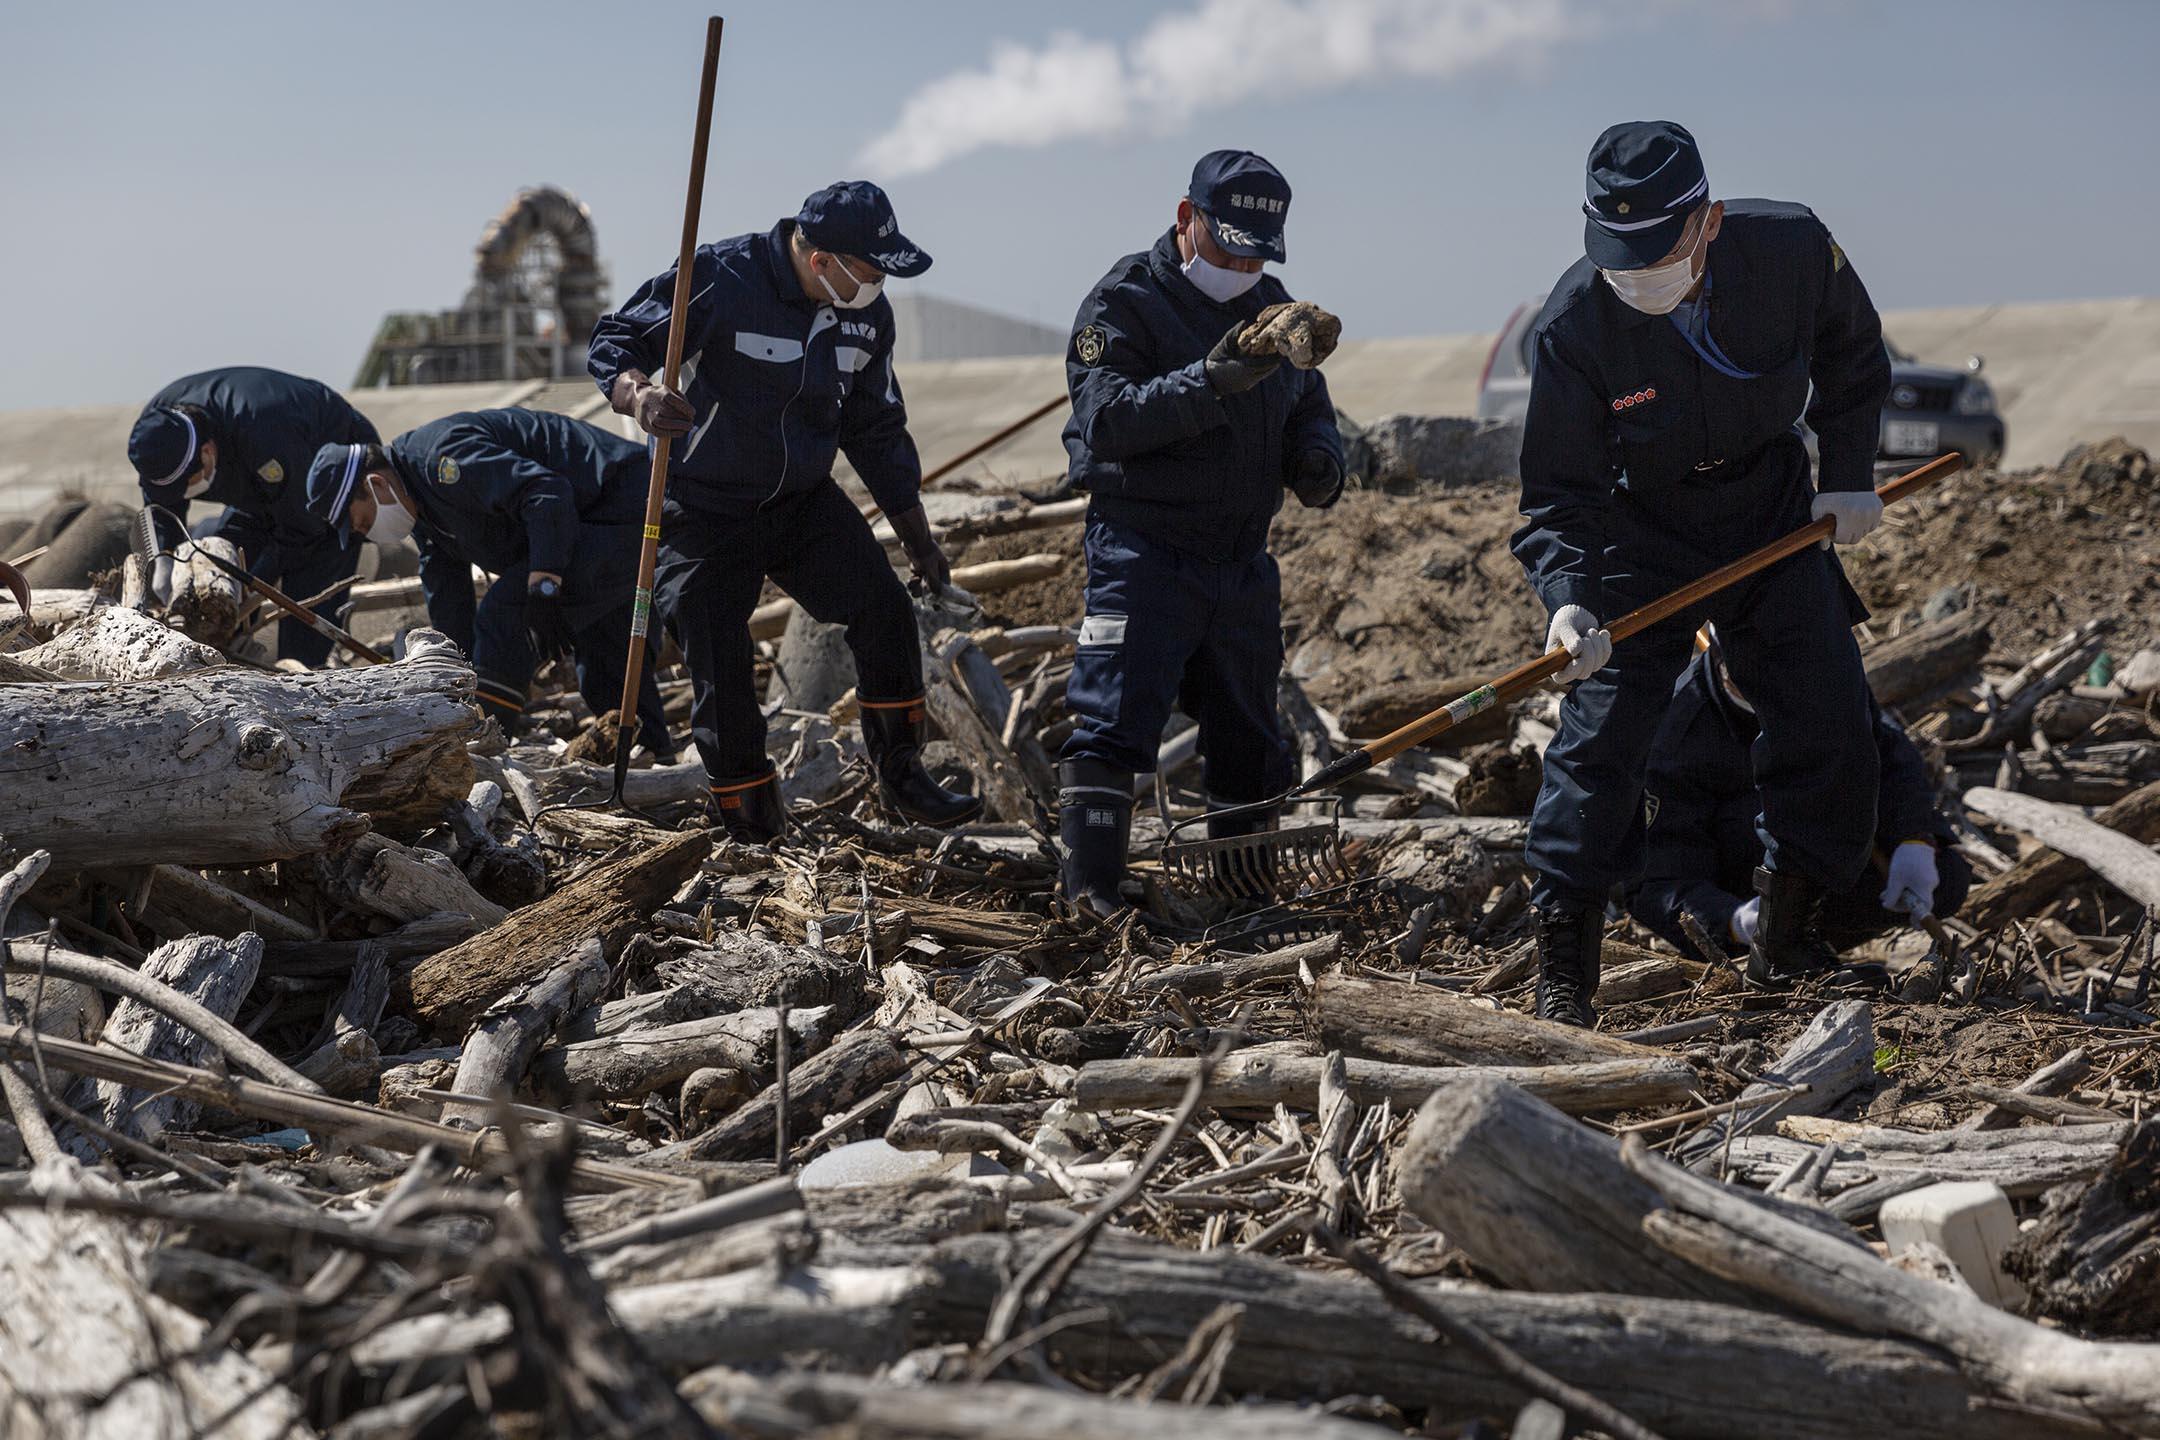 2021年3月11日,日本福島縣浪江町,警員在海邊搜索十年前福島核電廠爆炸事故中失蹤者的遺體。